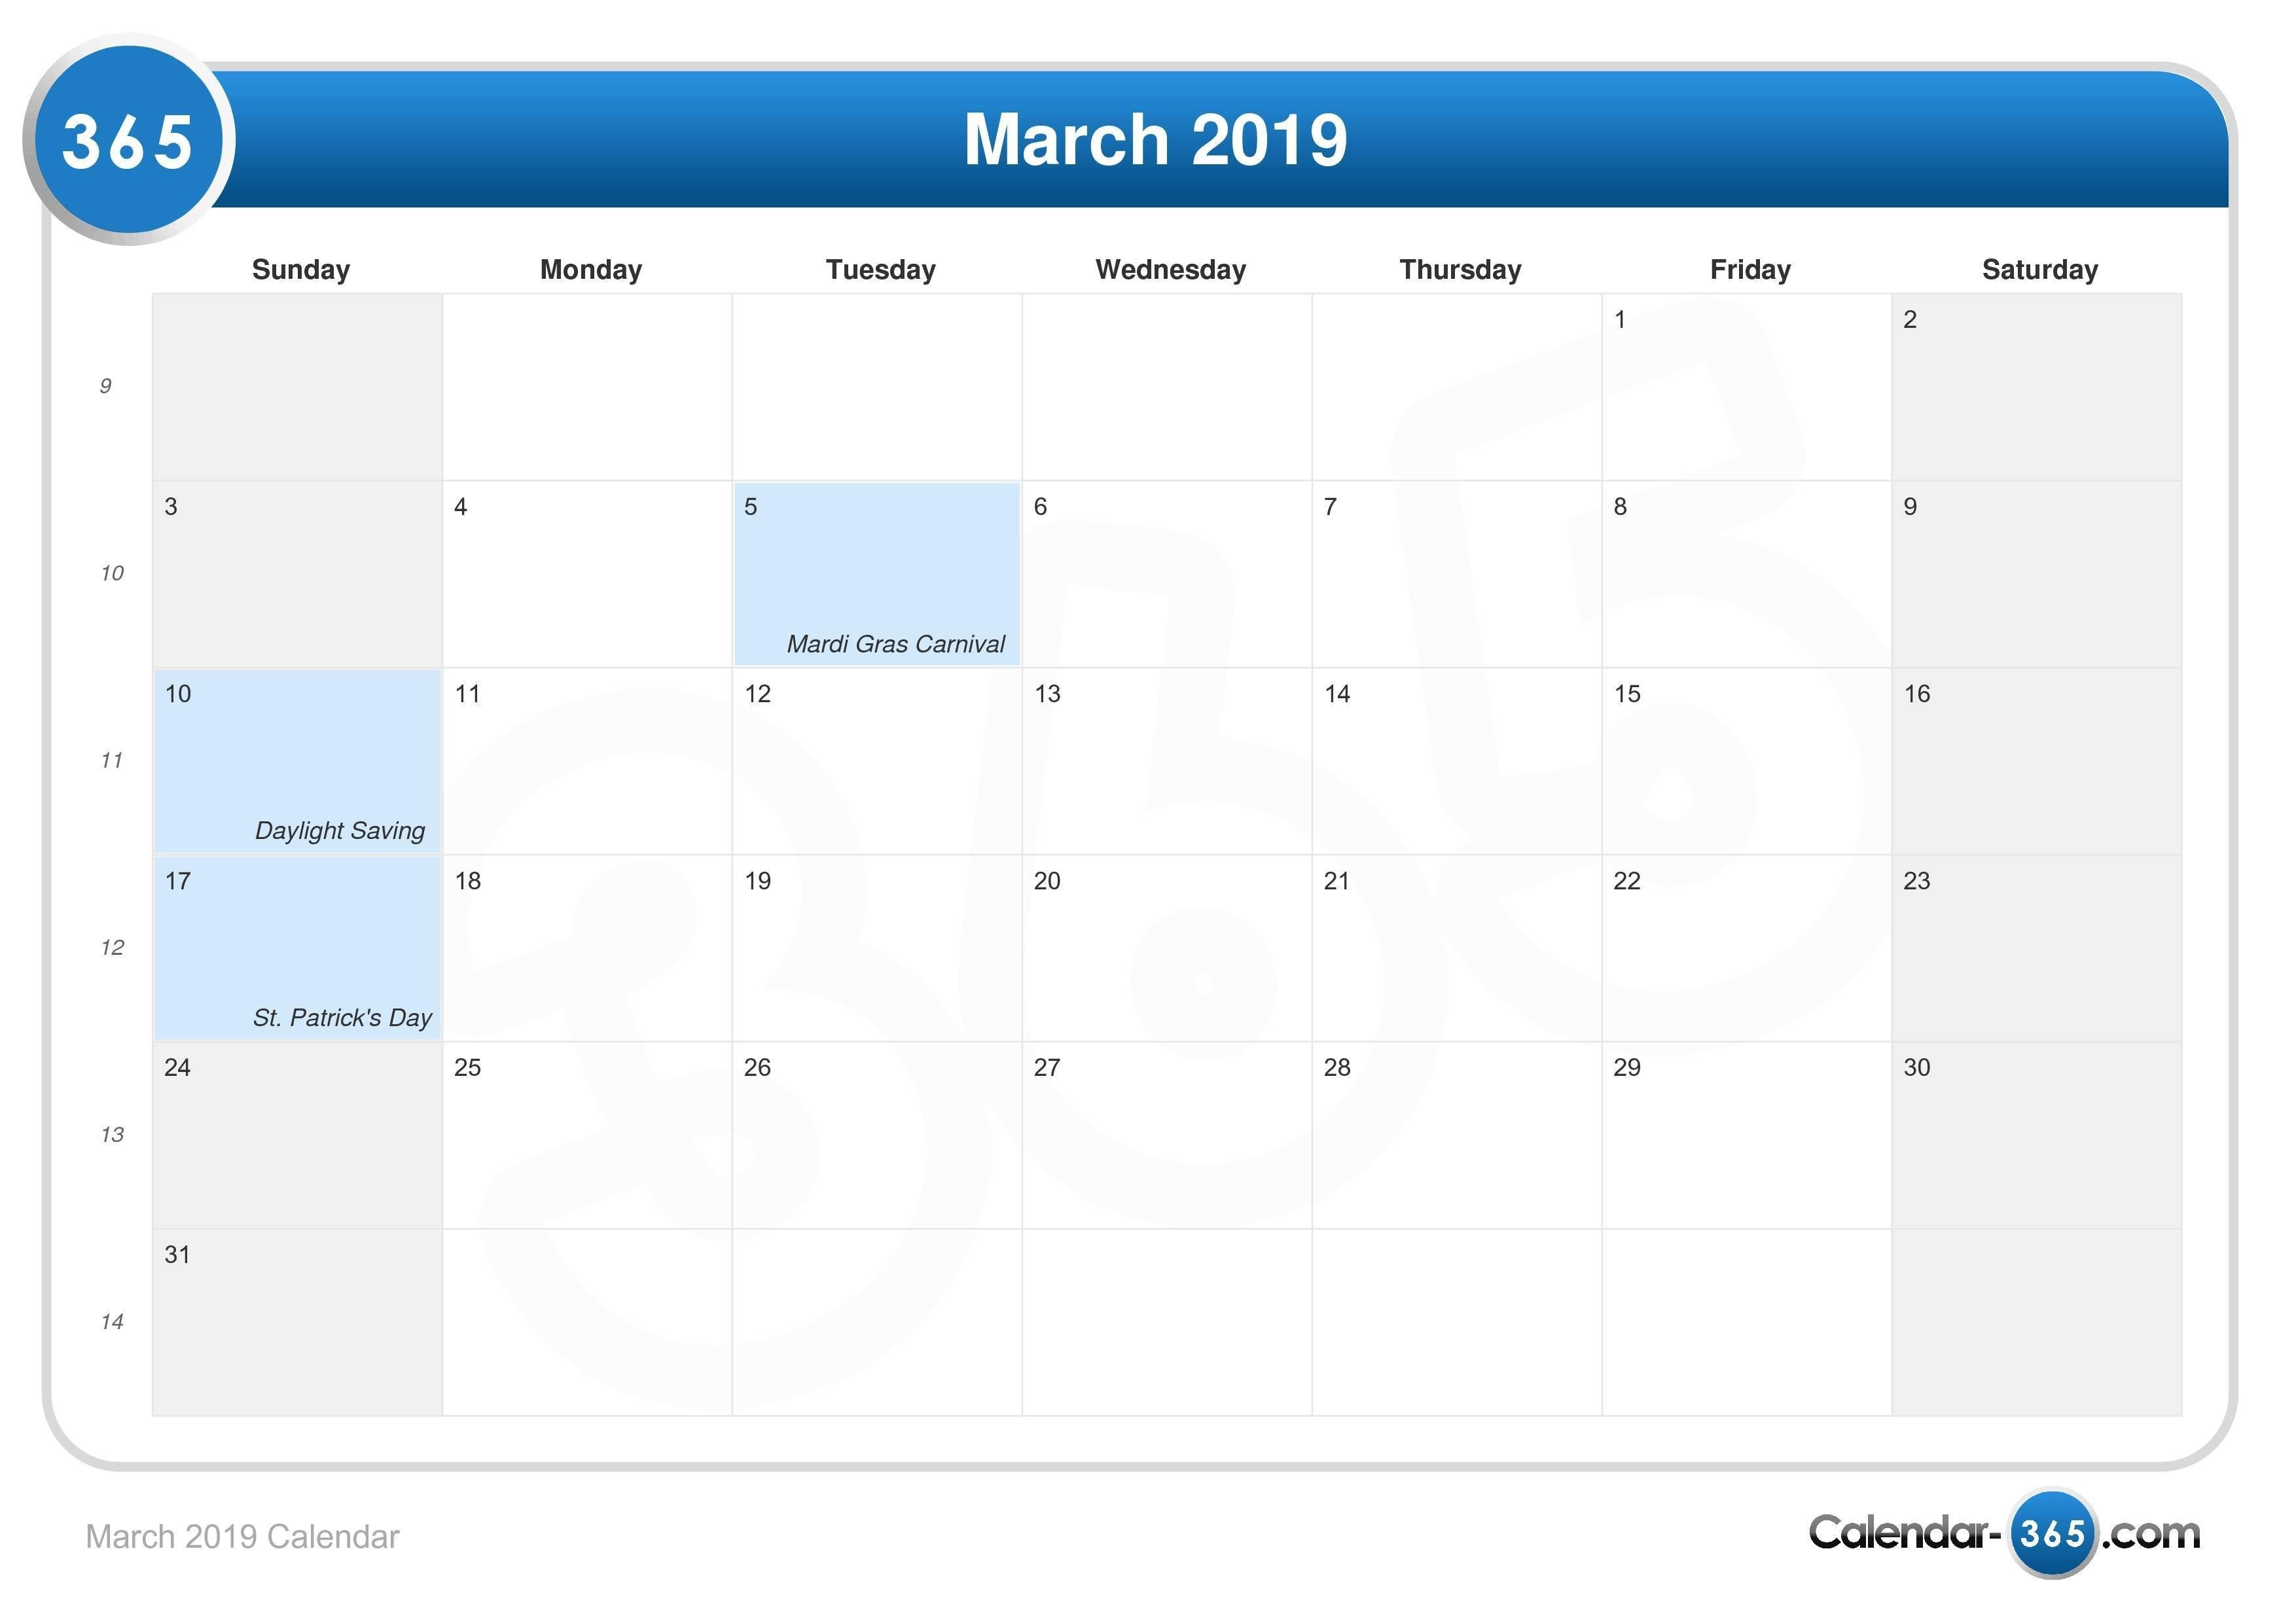 March 2019 Calendar Calendar 3/2019